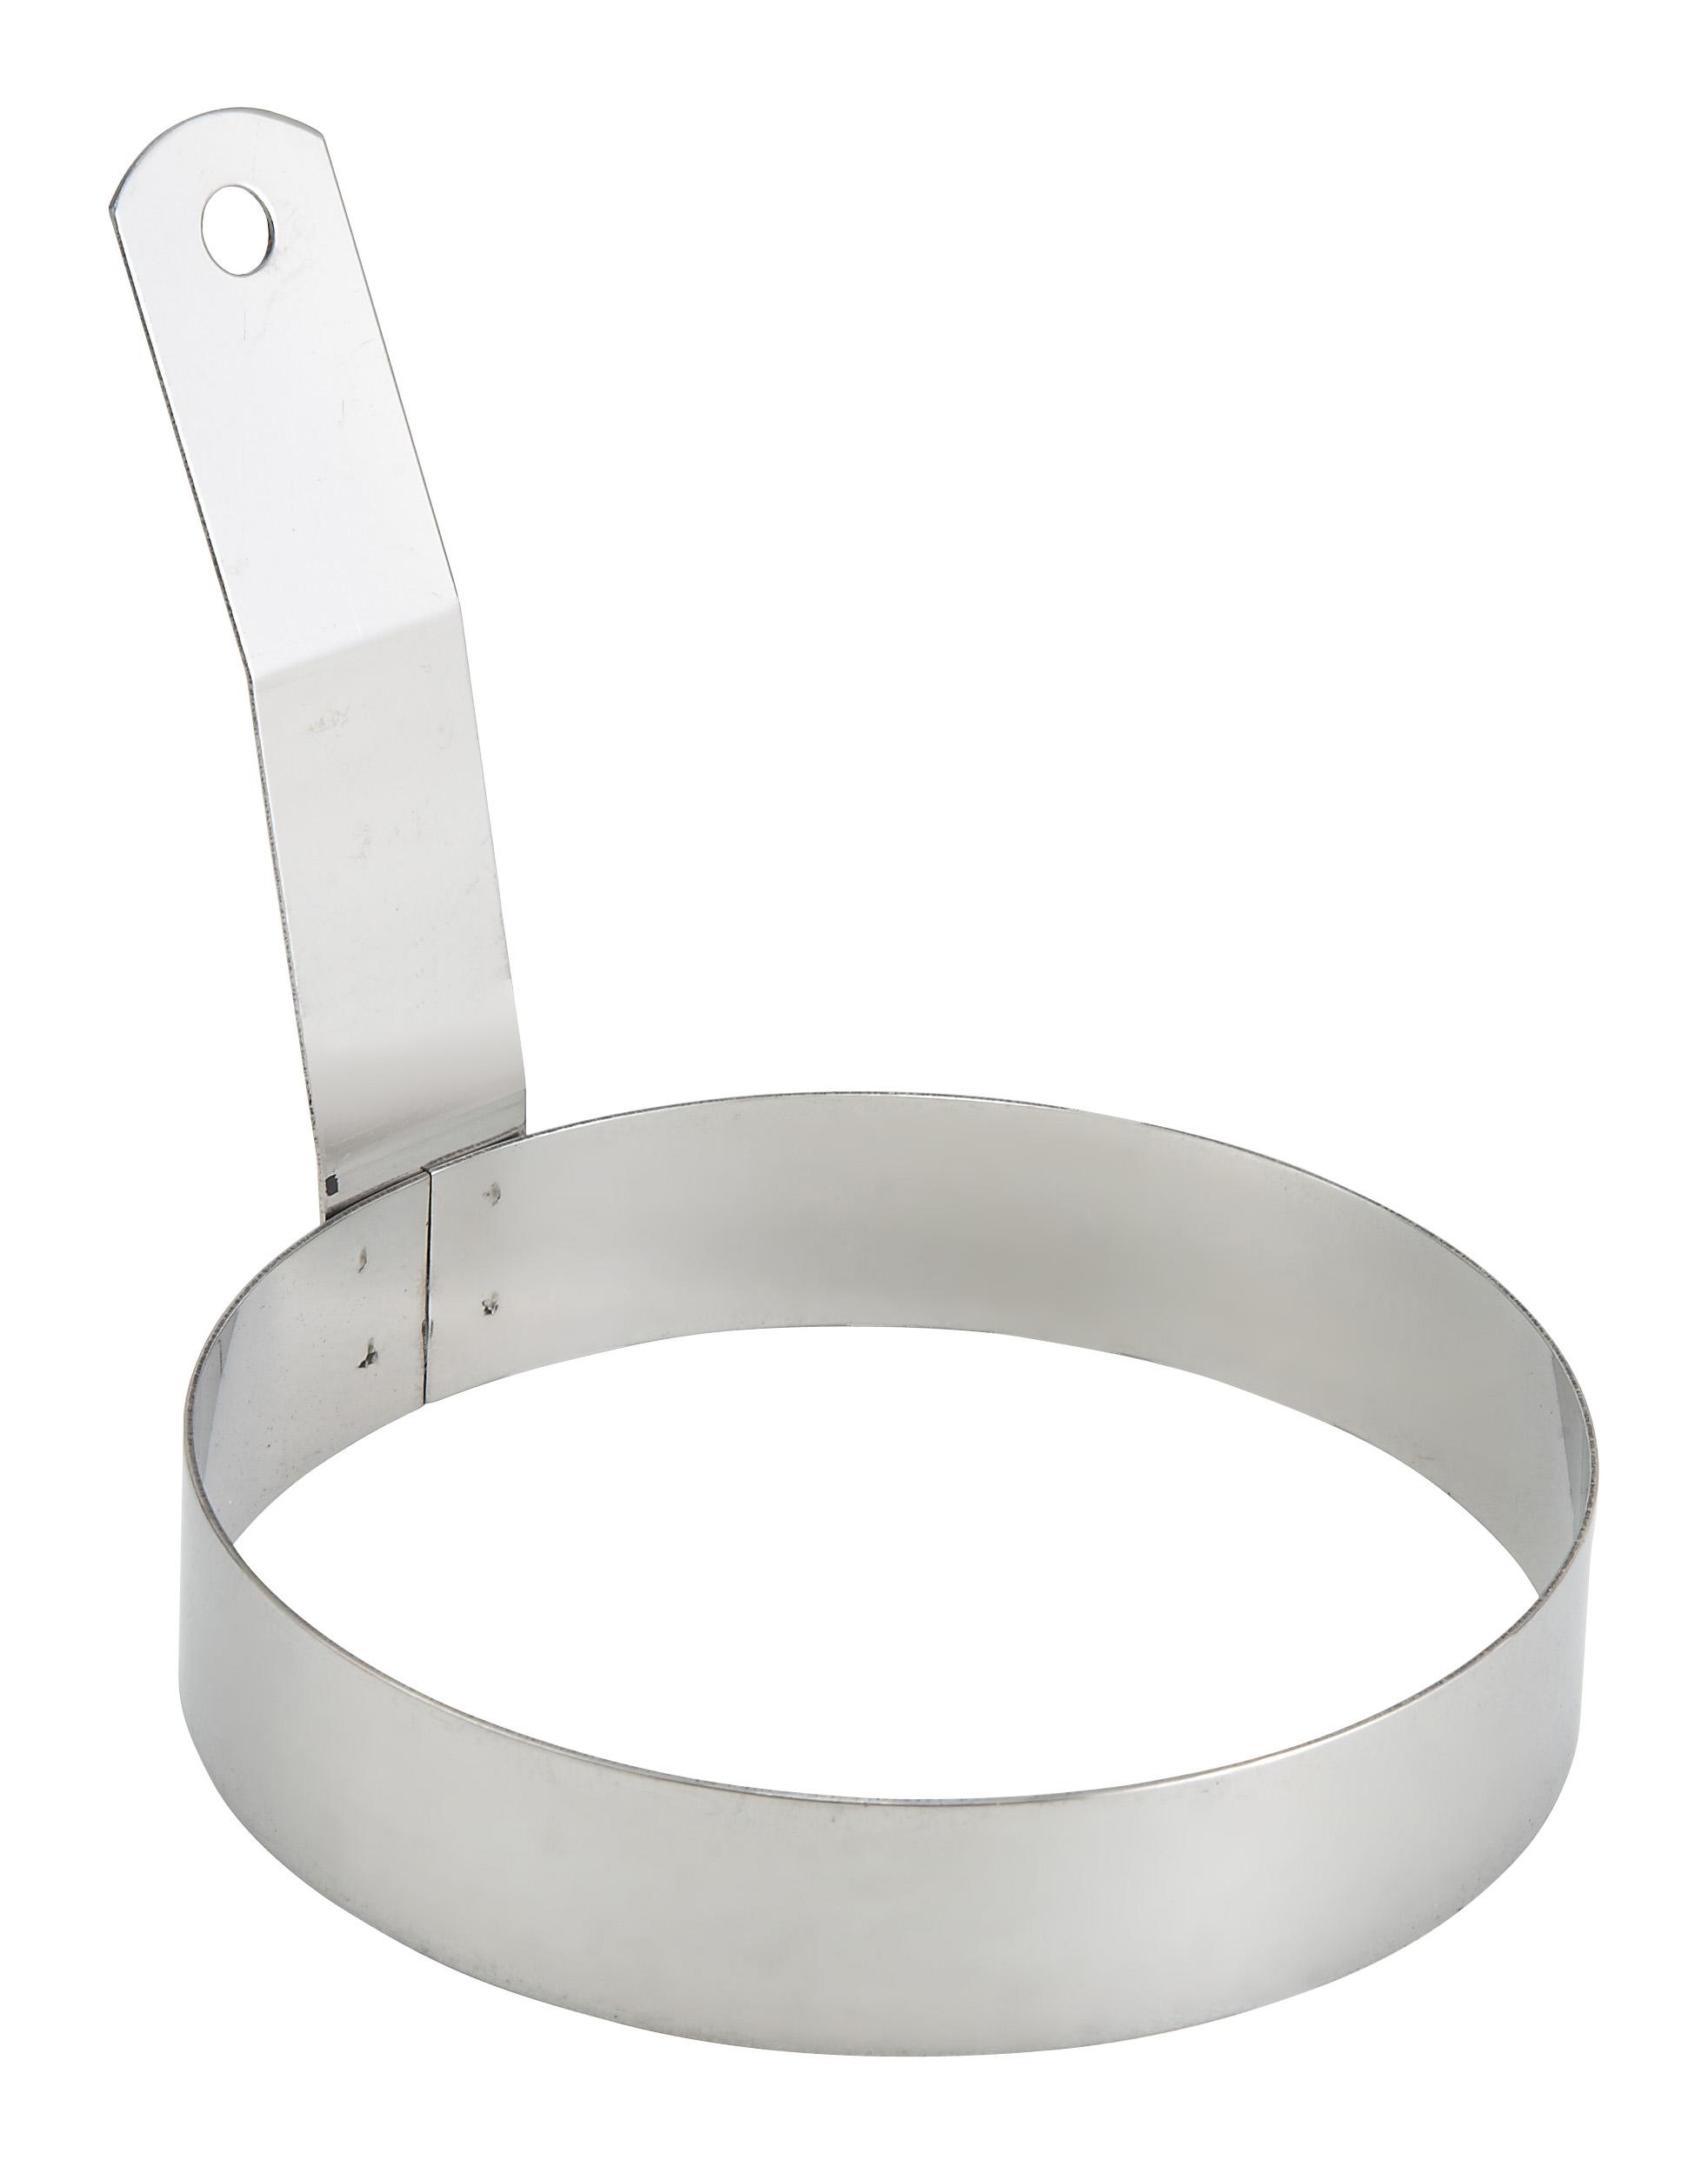 Winco EGR-5 egg rings